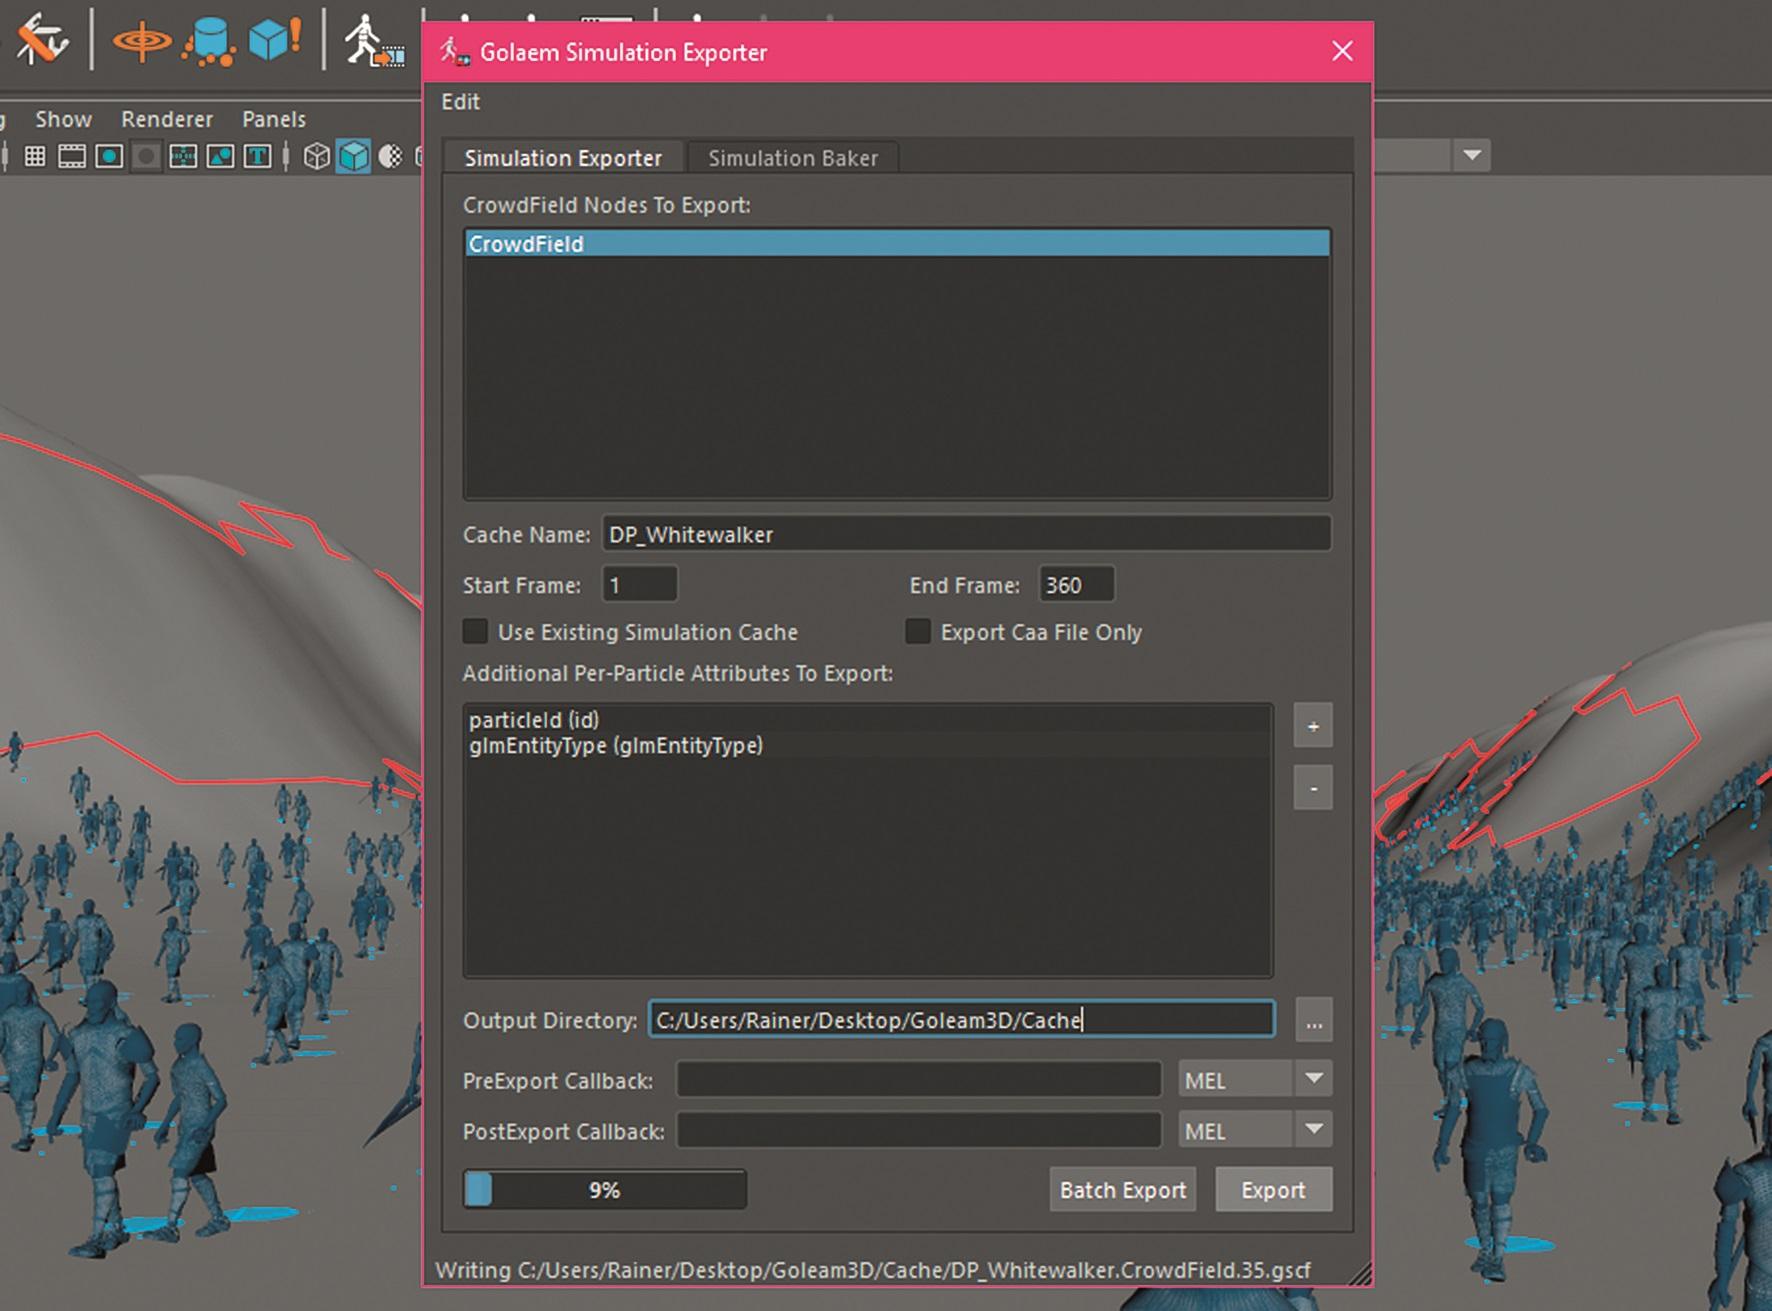 Bevor es ans Rendering geht, muss erstmal ein Simulation Cache erstellt werden. Das macht zudem die Betrachtung der Bewegungen im Viewport angenehmer.